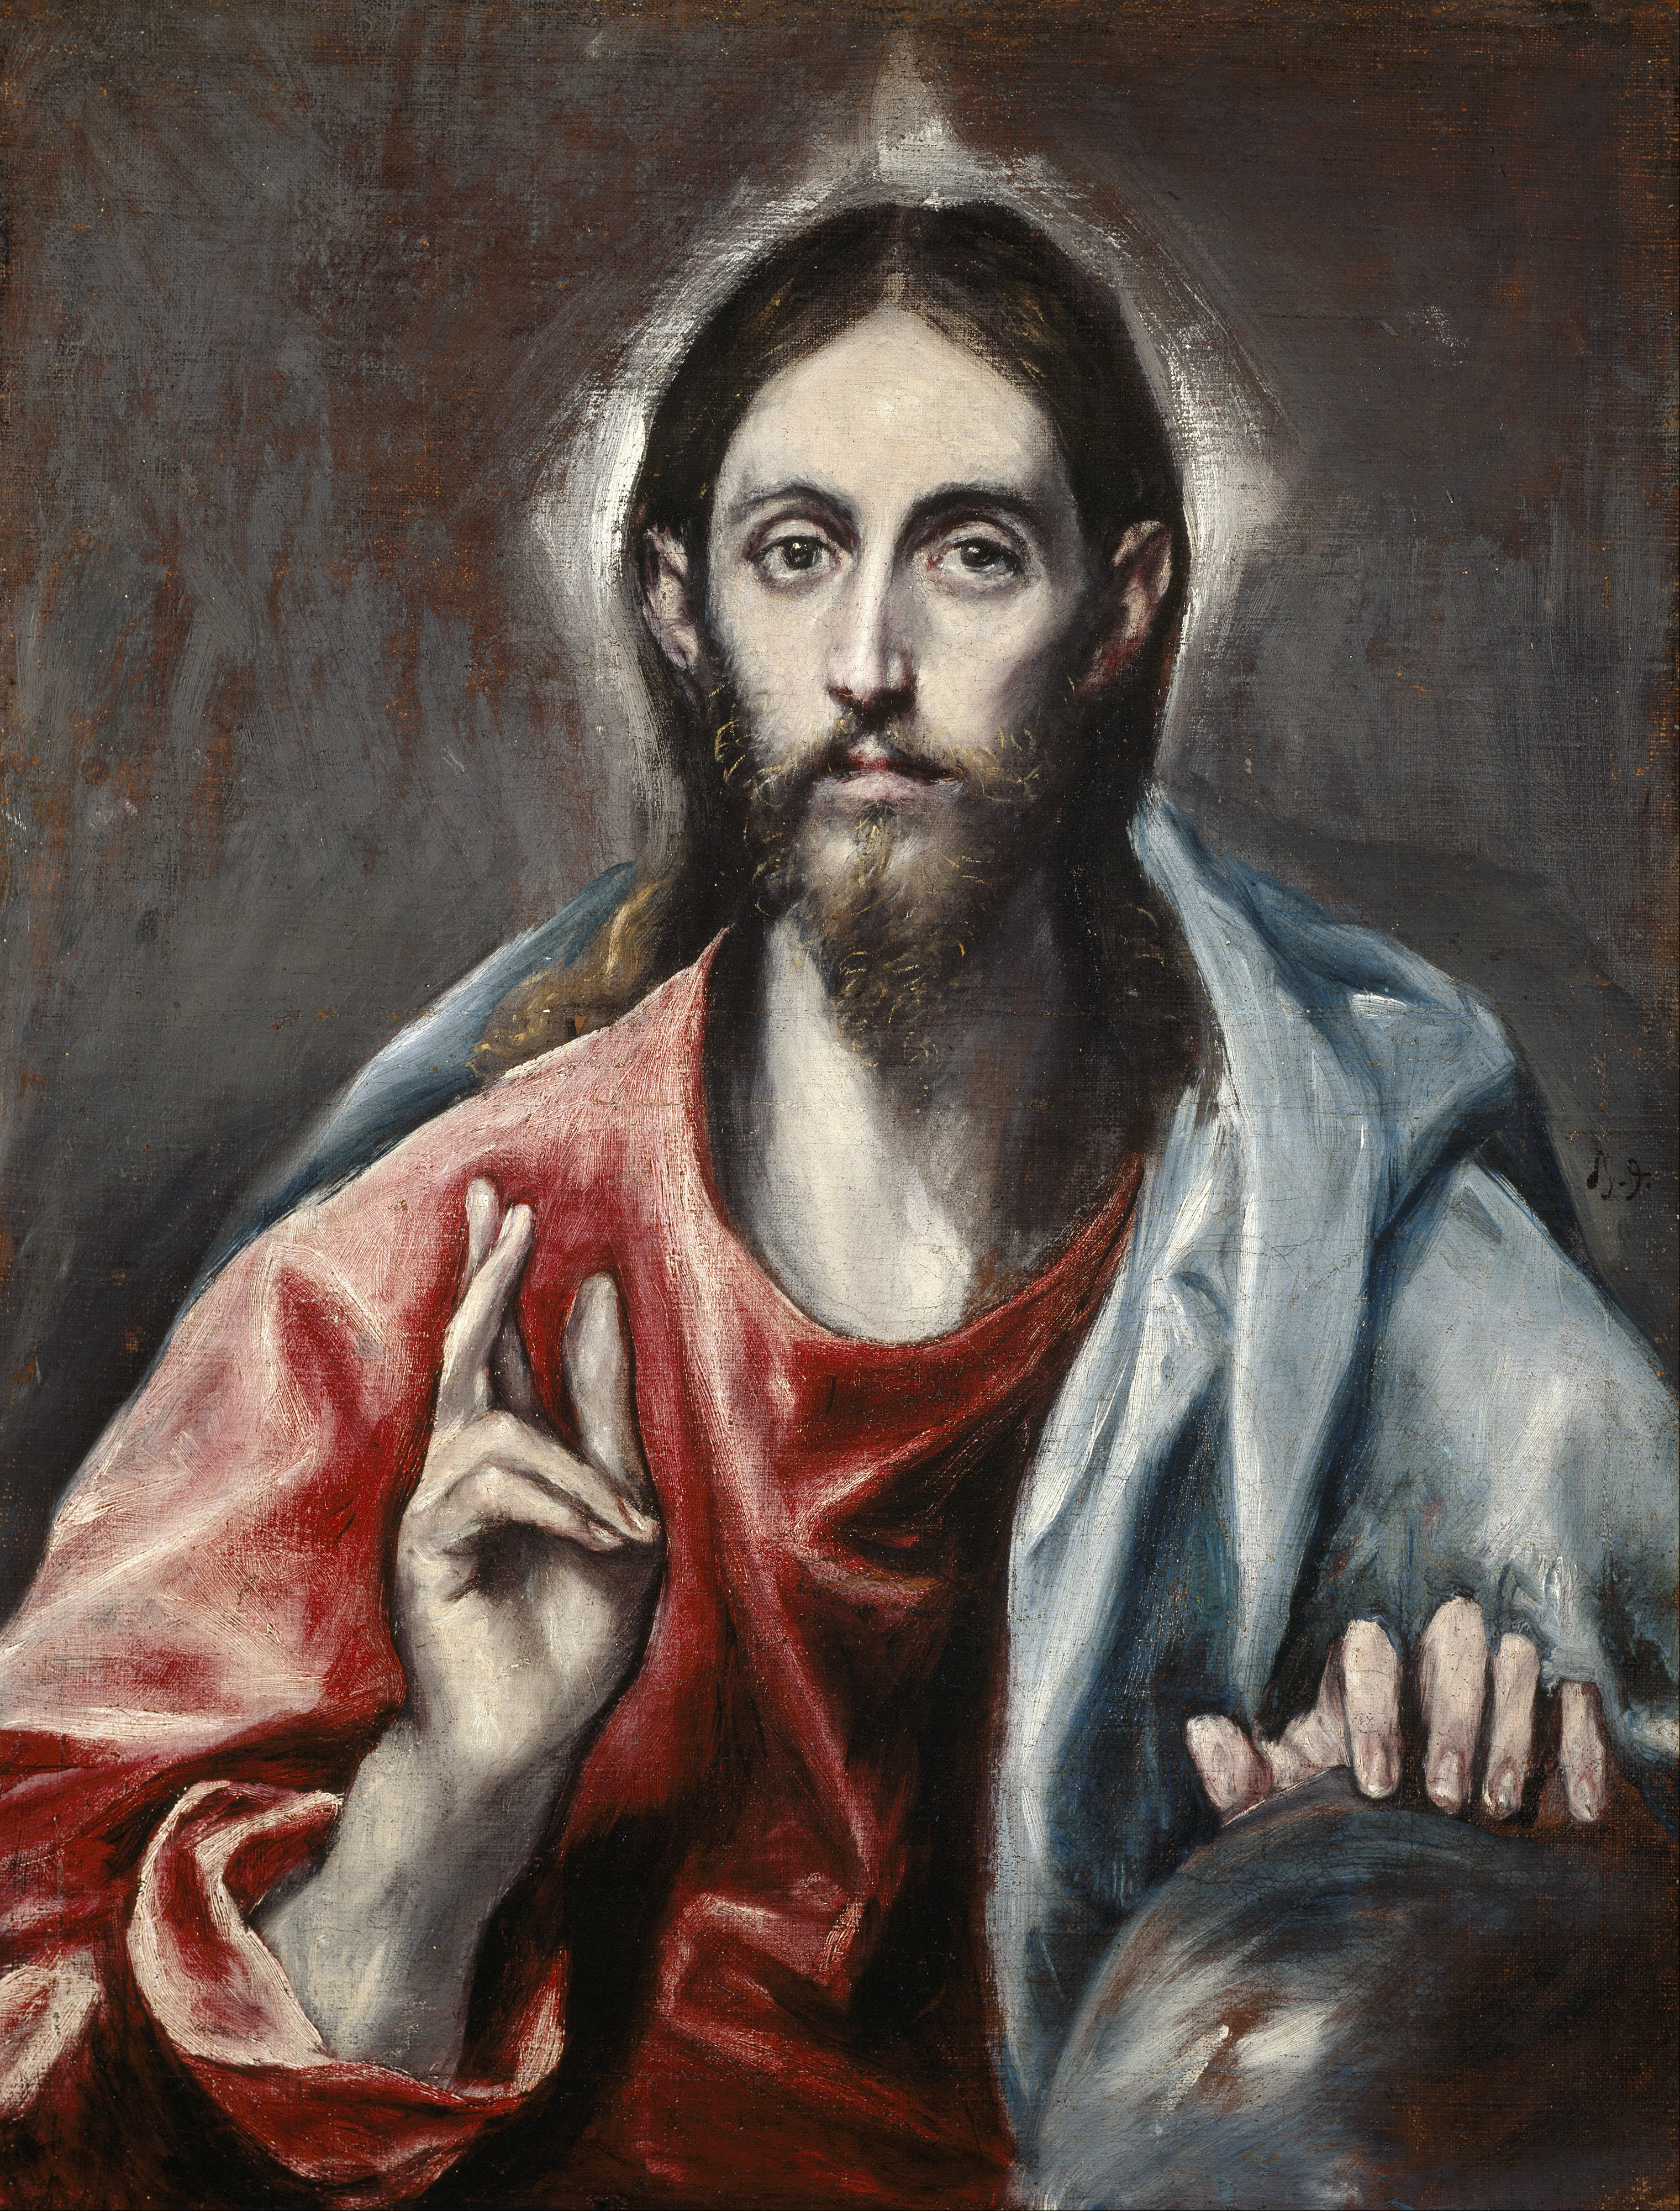 Cristo Wikipedia La Enciclopedia Libre